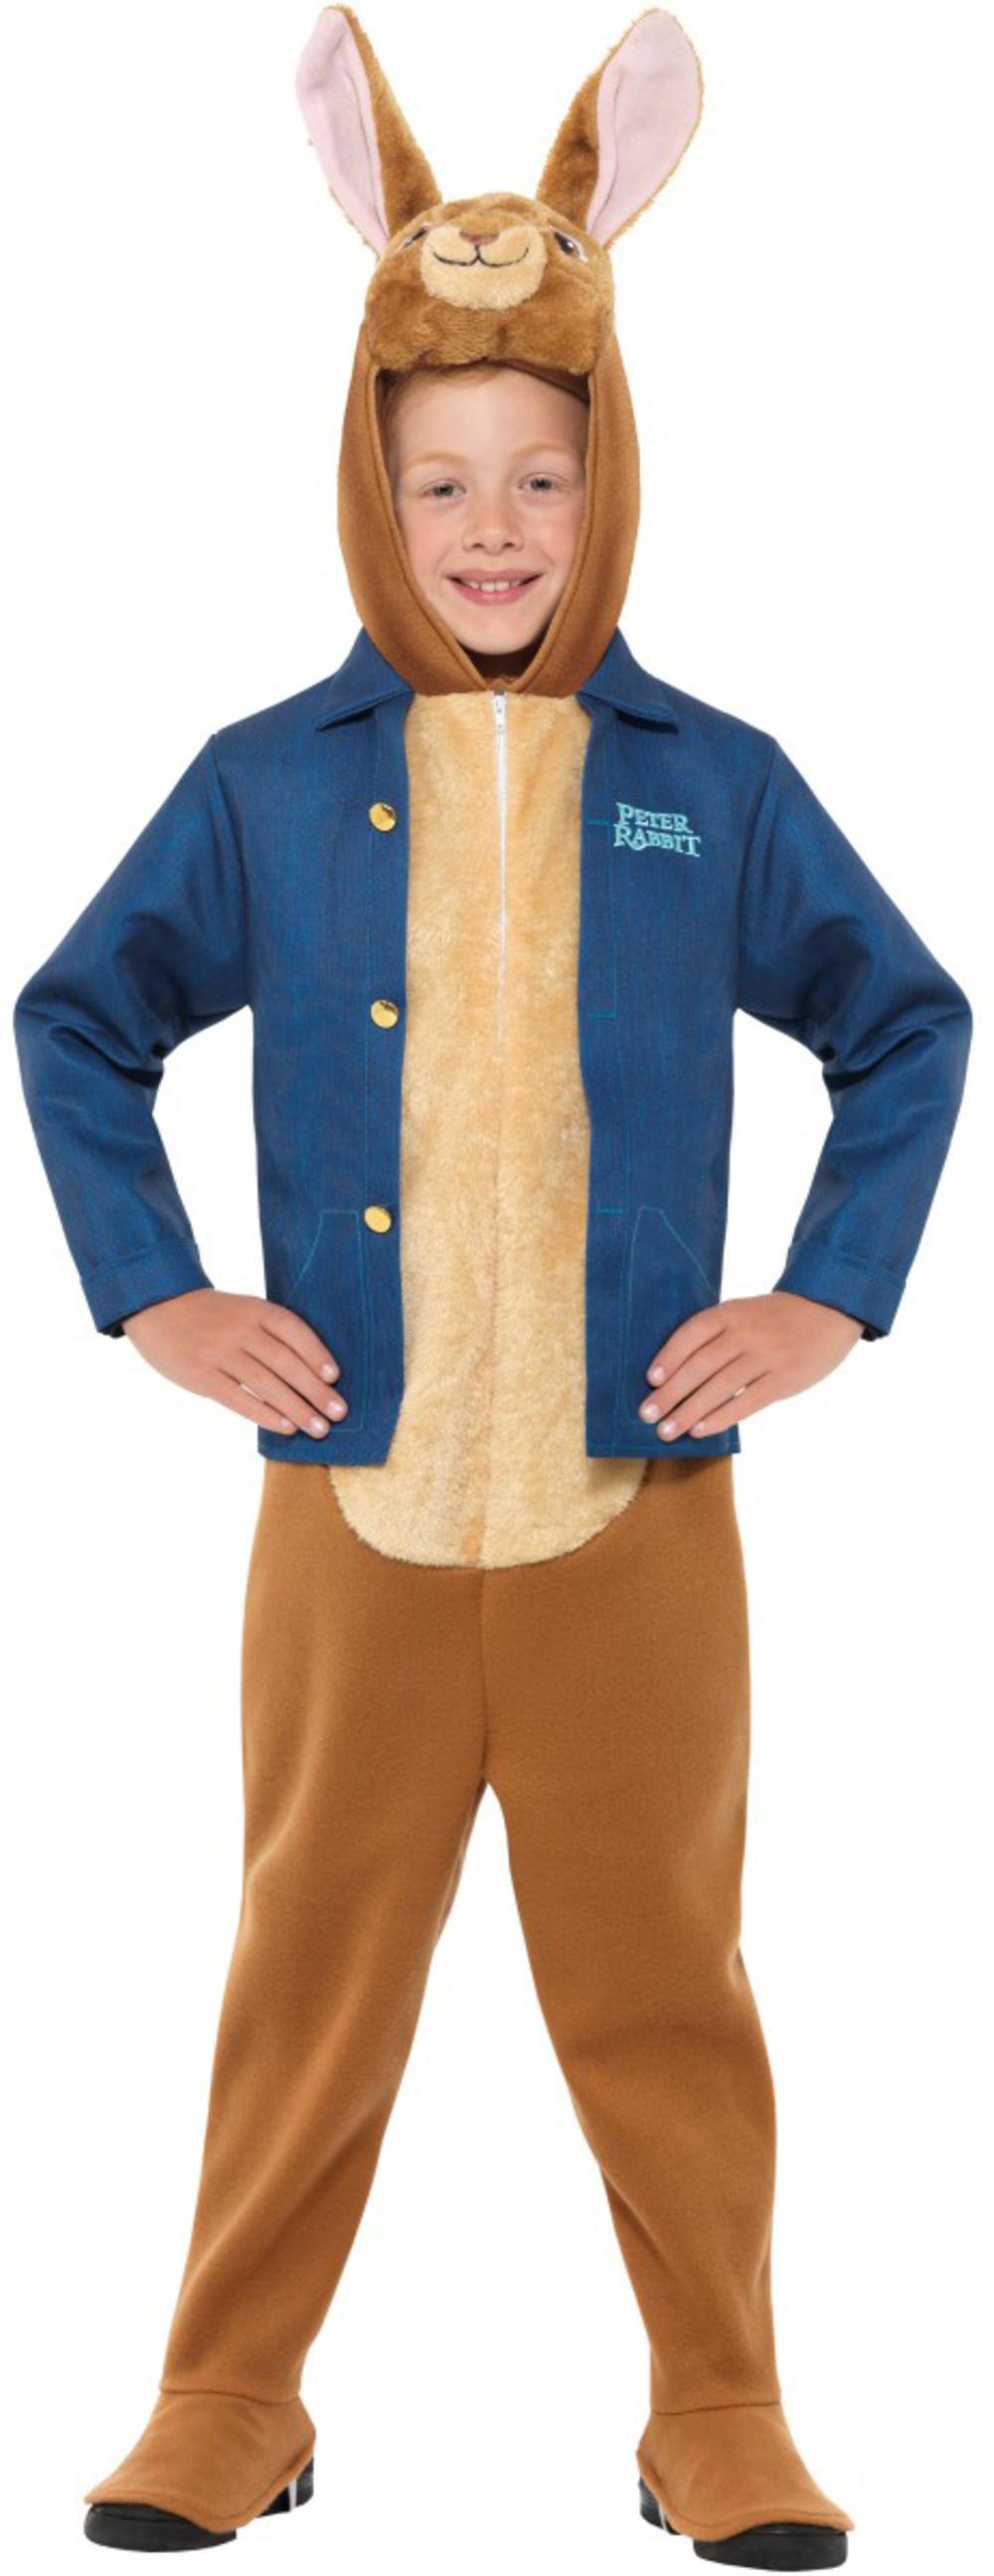 Peter Rabbit Deluxe Boys Costume